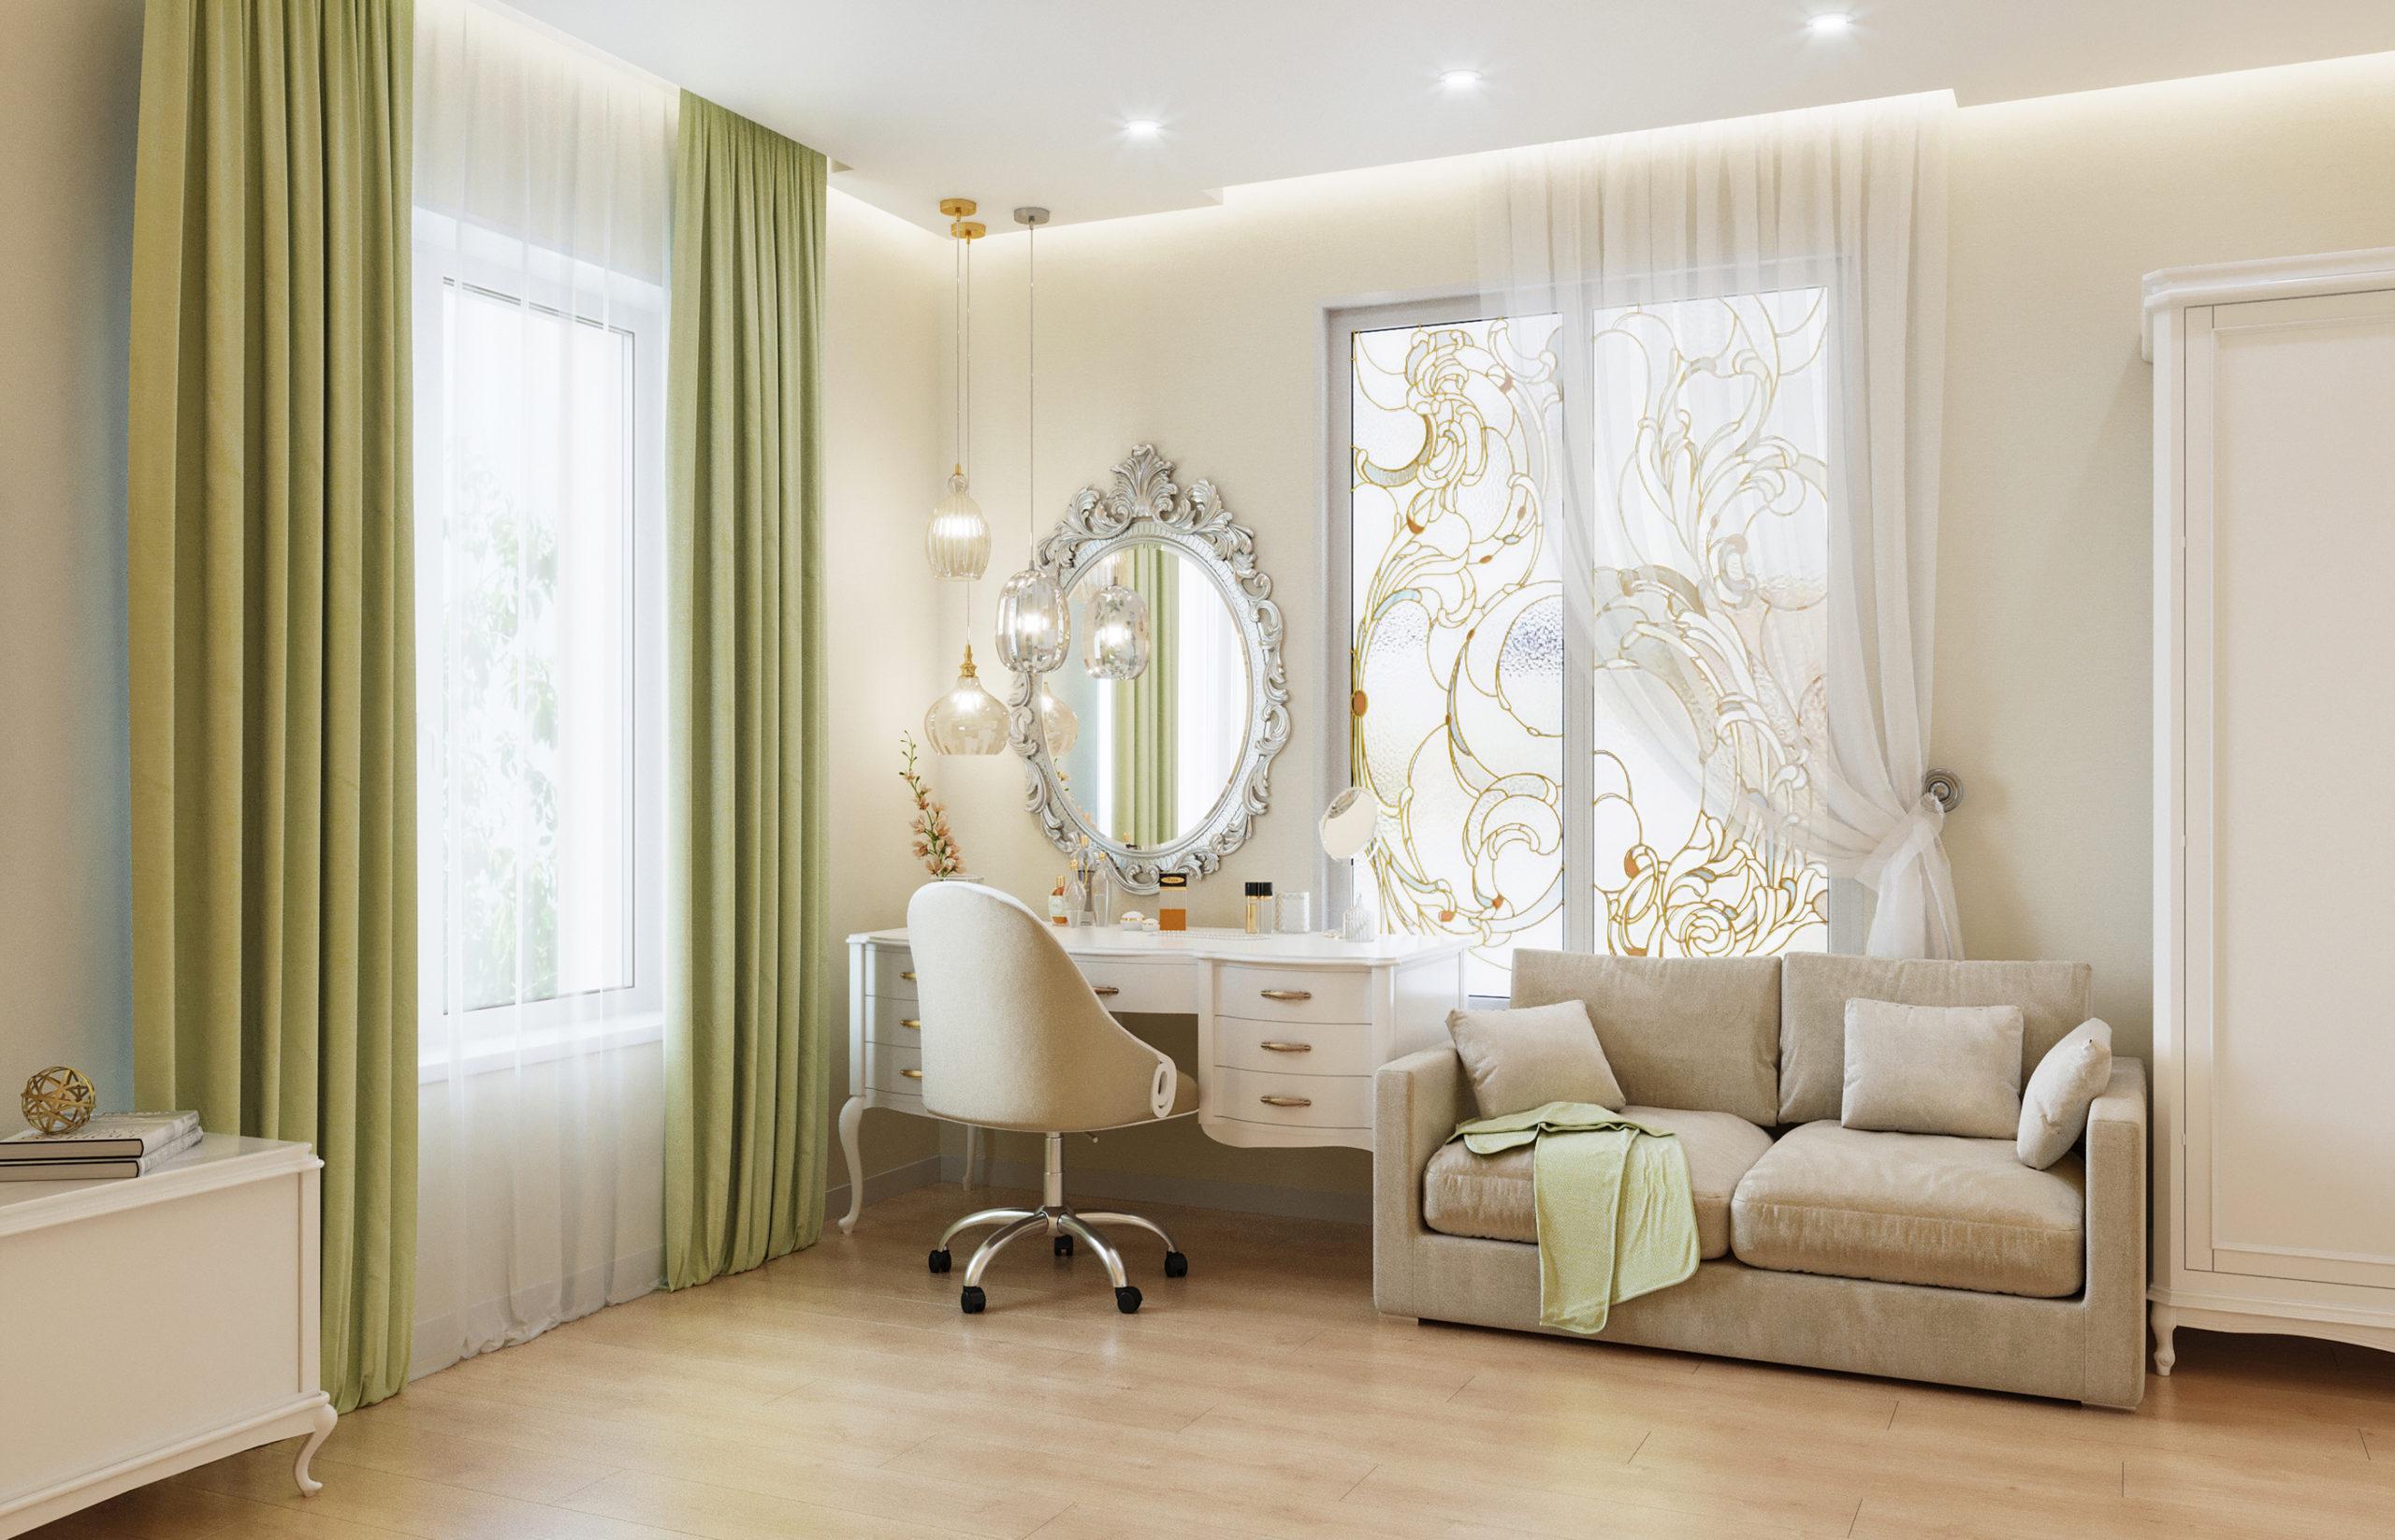 Витражное окно в интерьере спальни